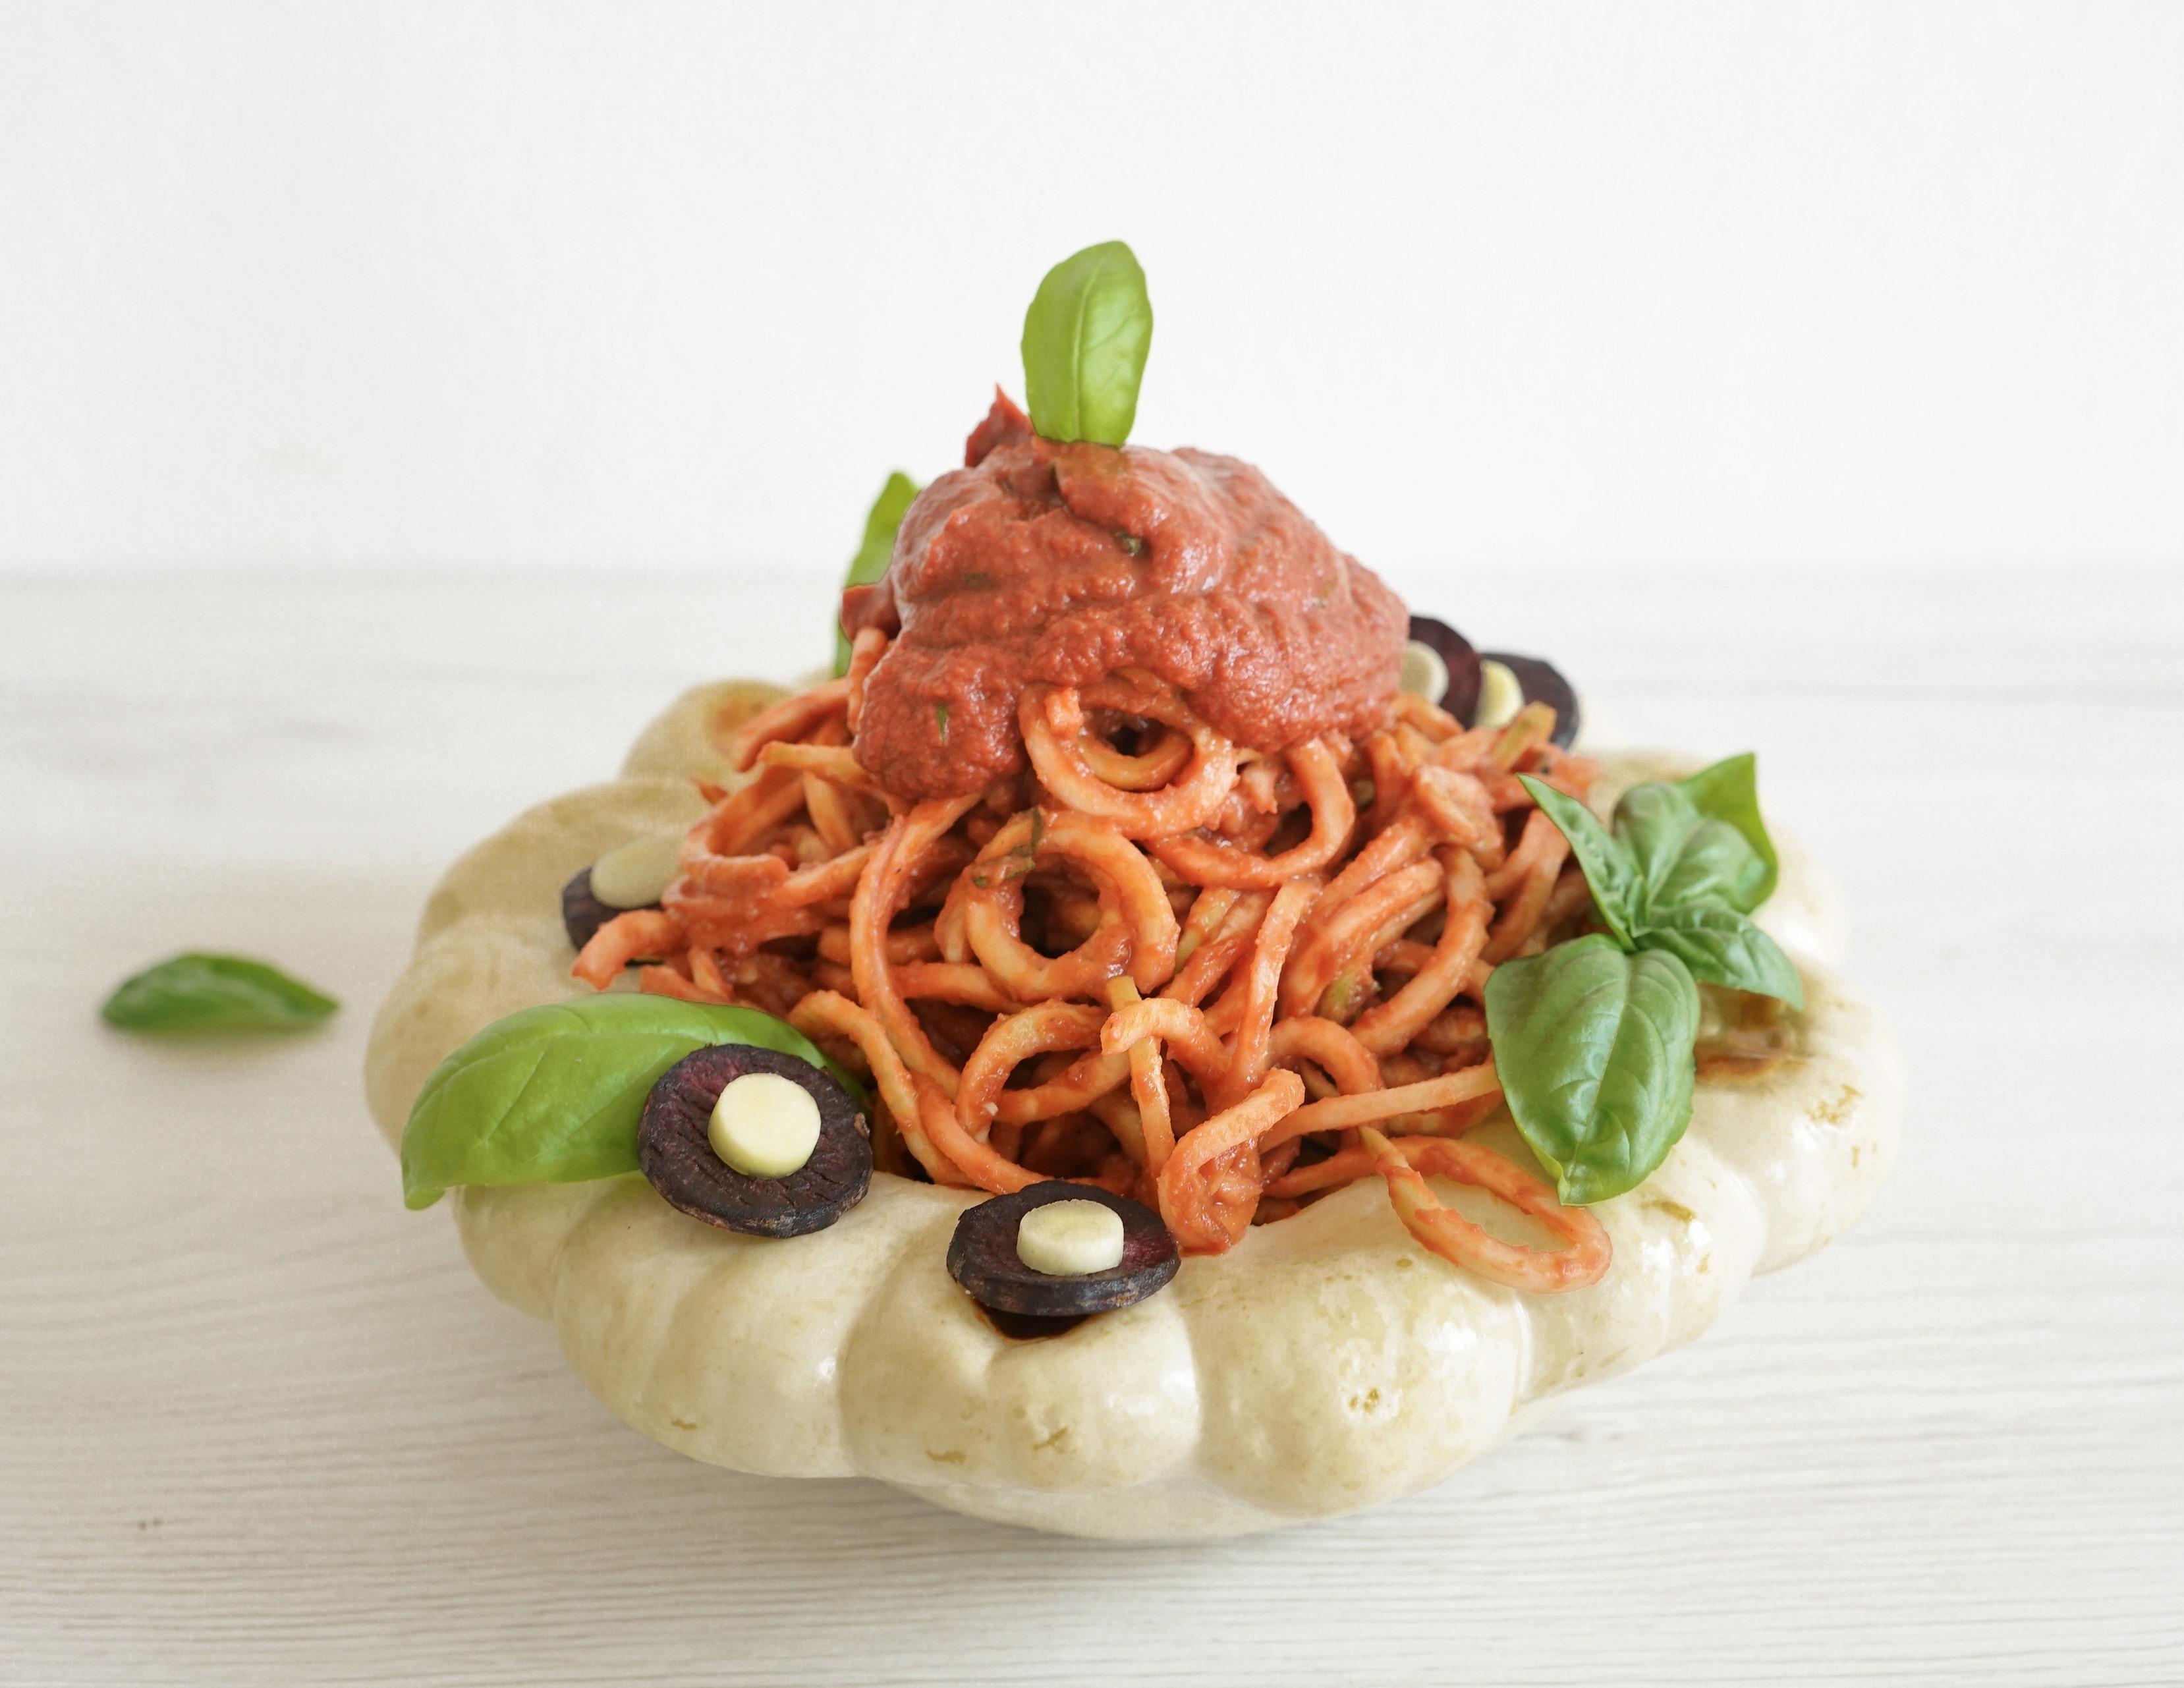 AIP Tomato Free Pasta Sauce (GF, DF, Paleo)